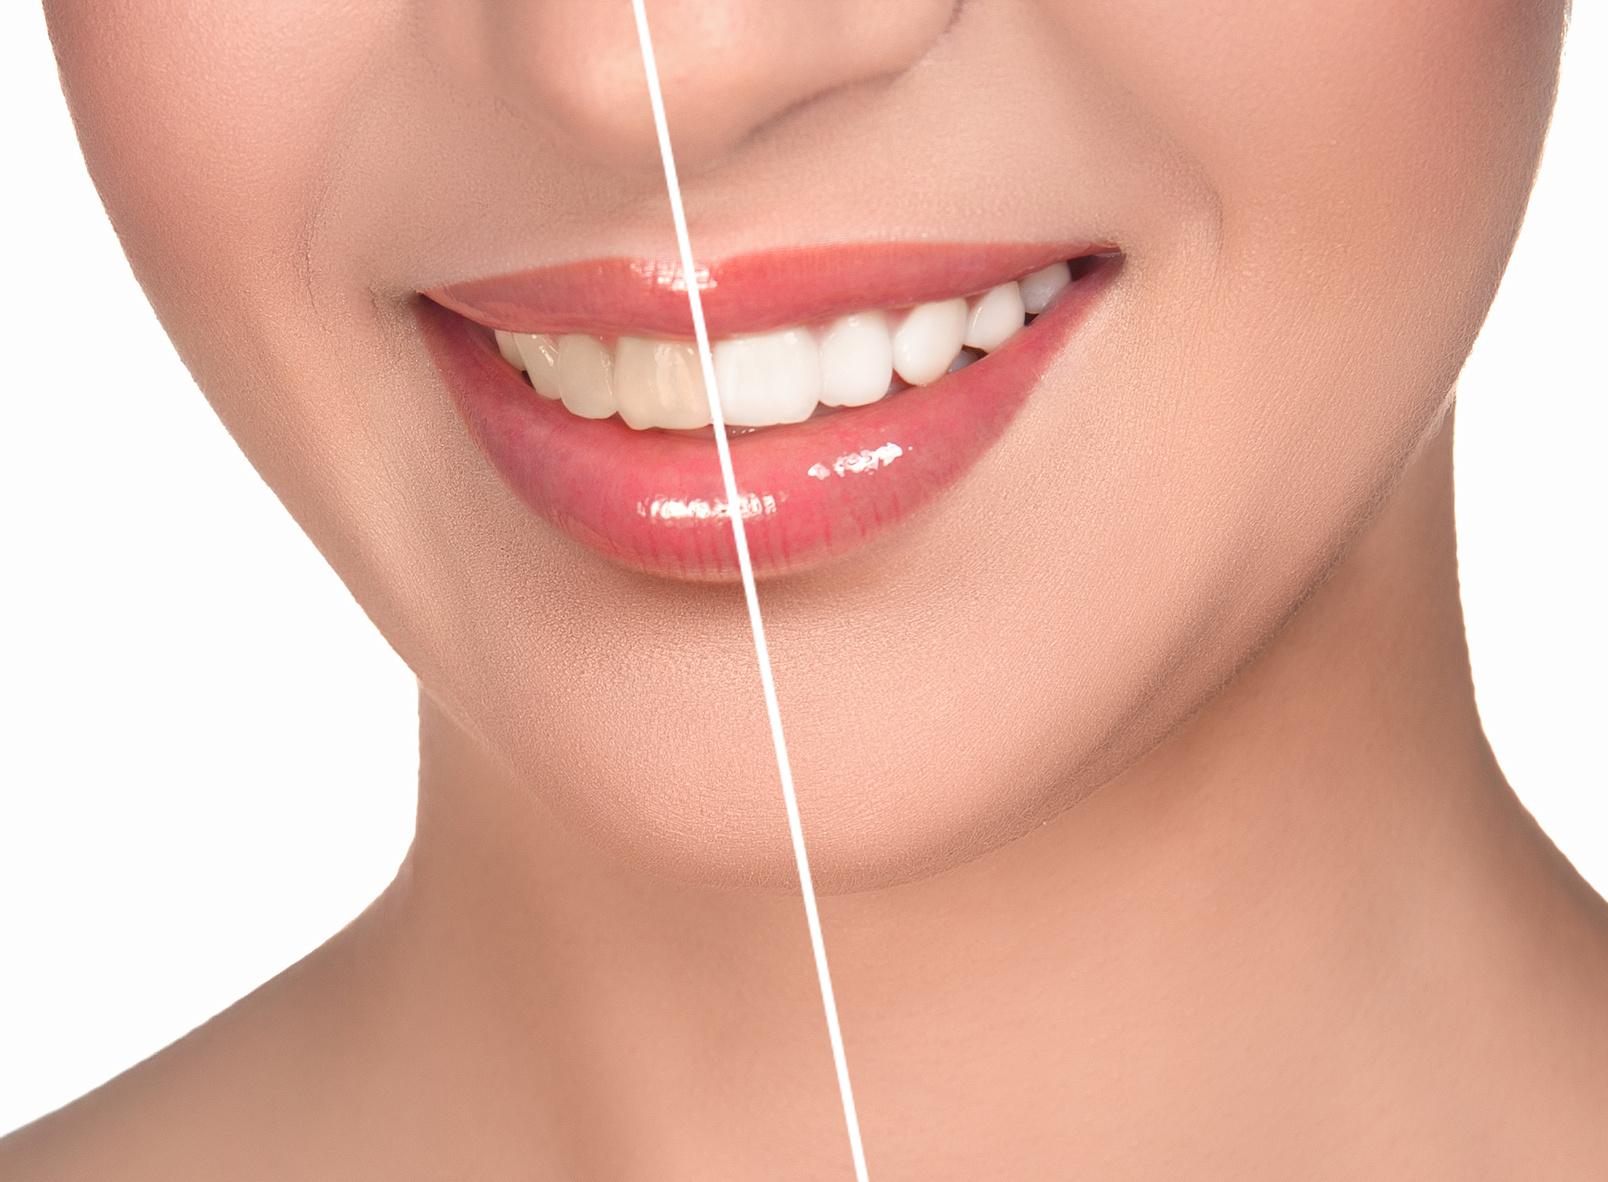 Dişlerin Sararması Nasıl Engellenir?